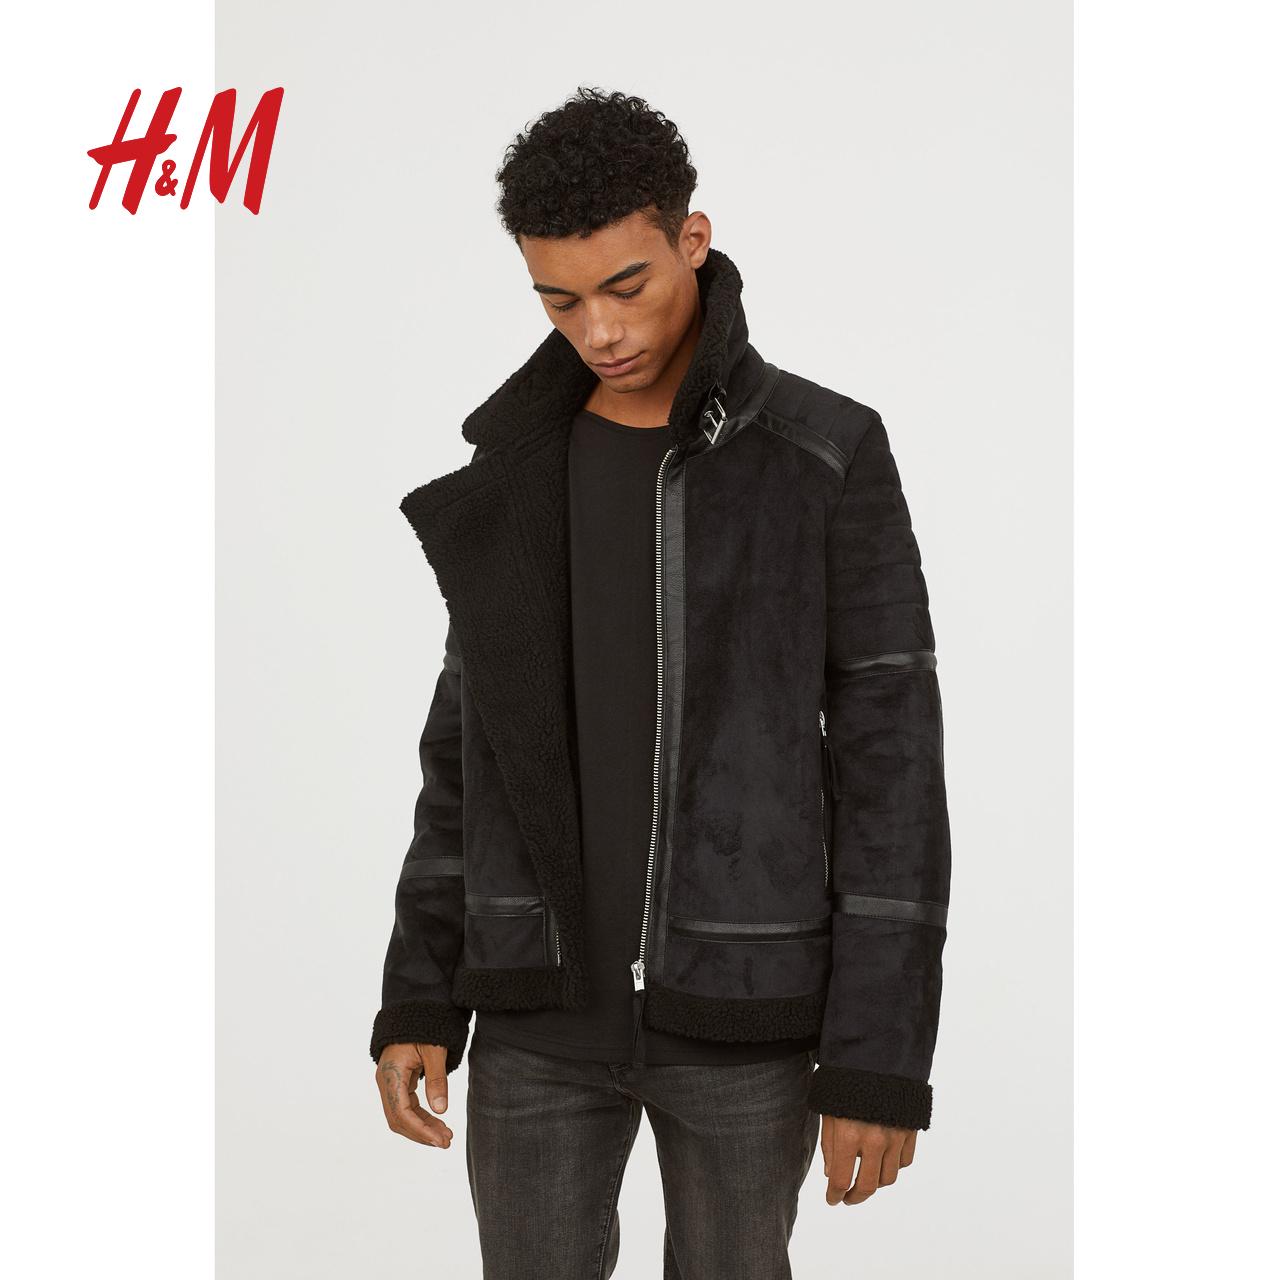 H&M DIVIDED HM0651881 男士机车夹克